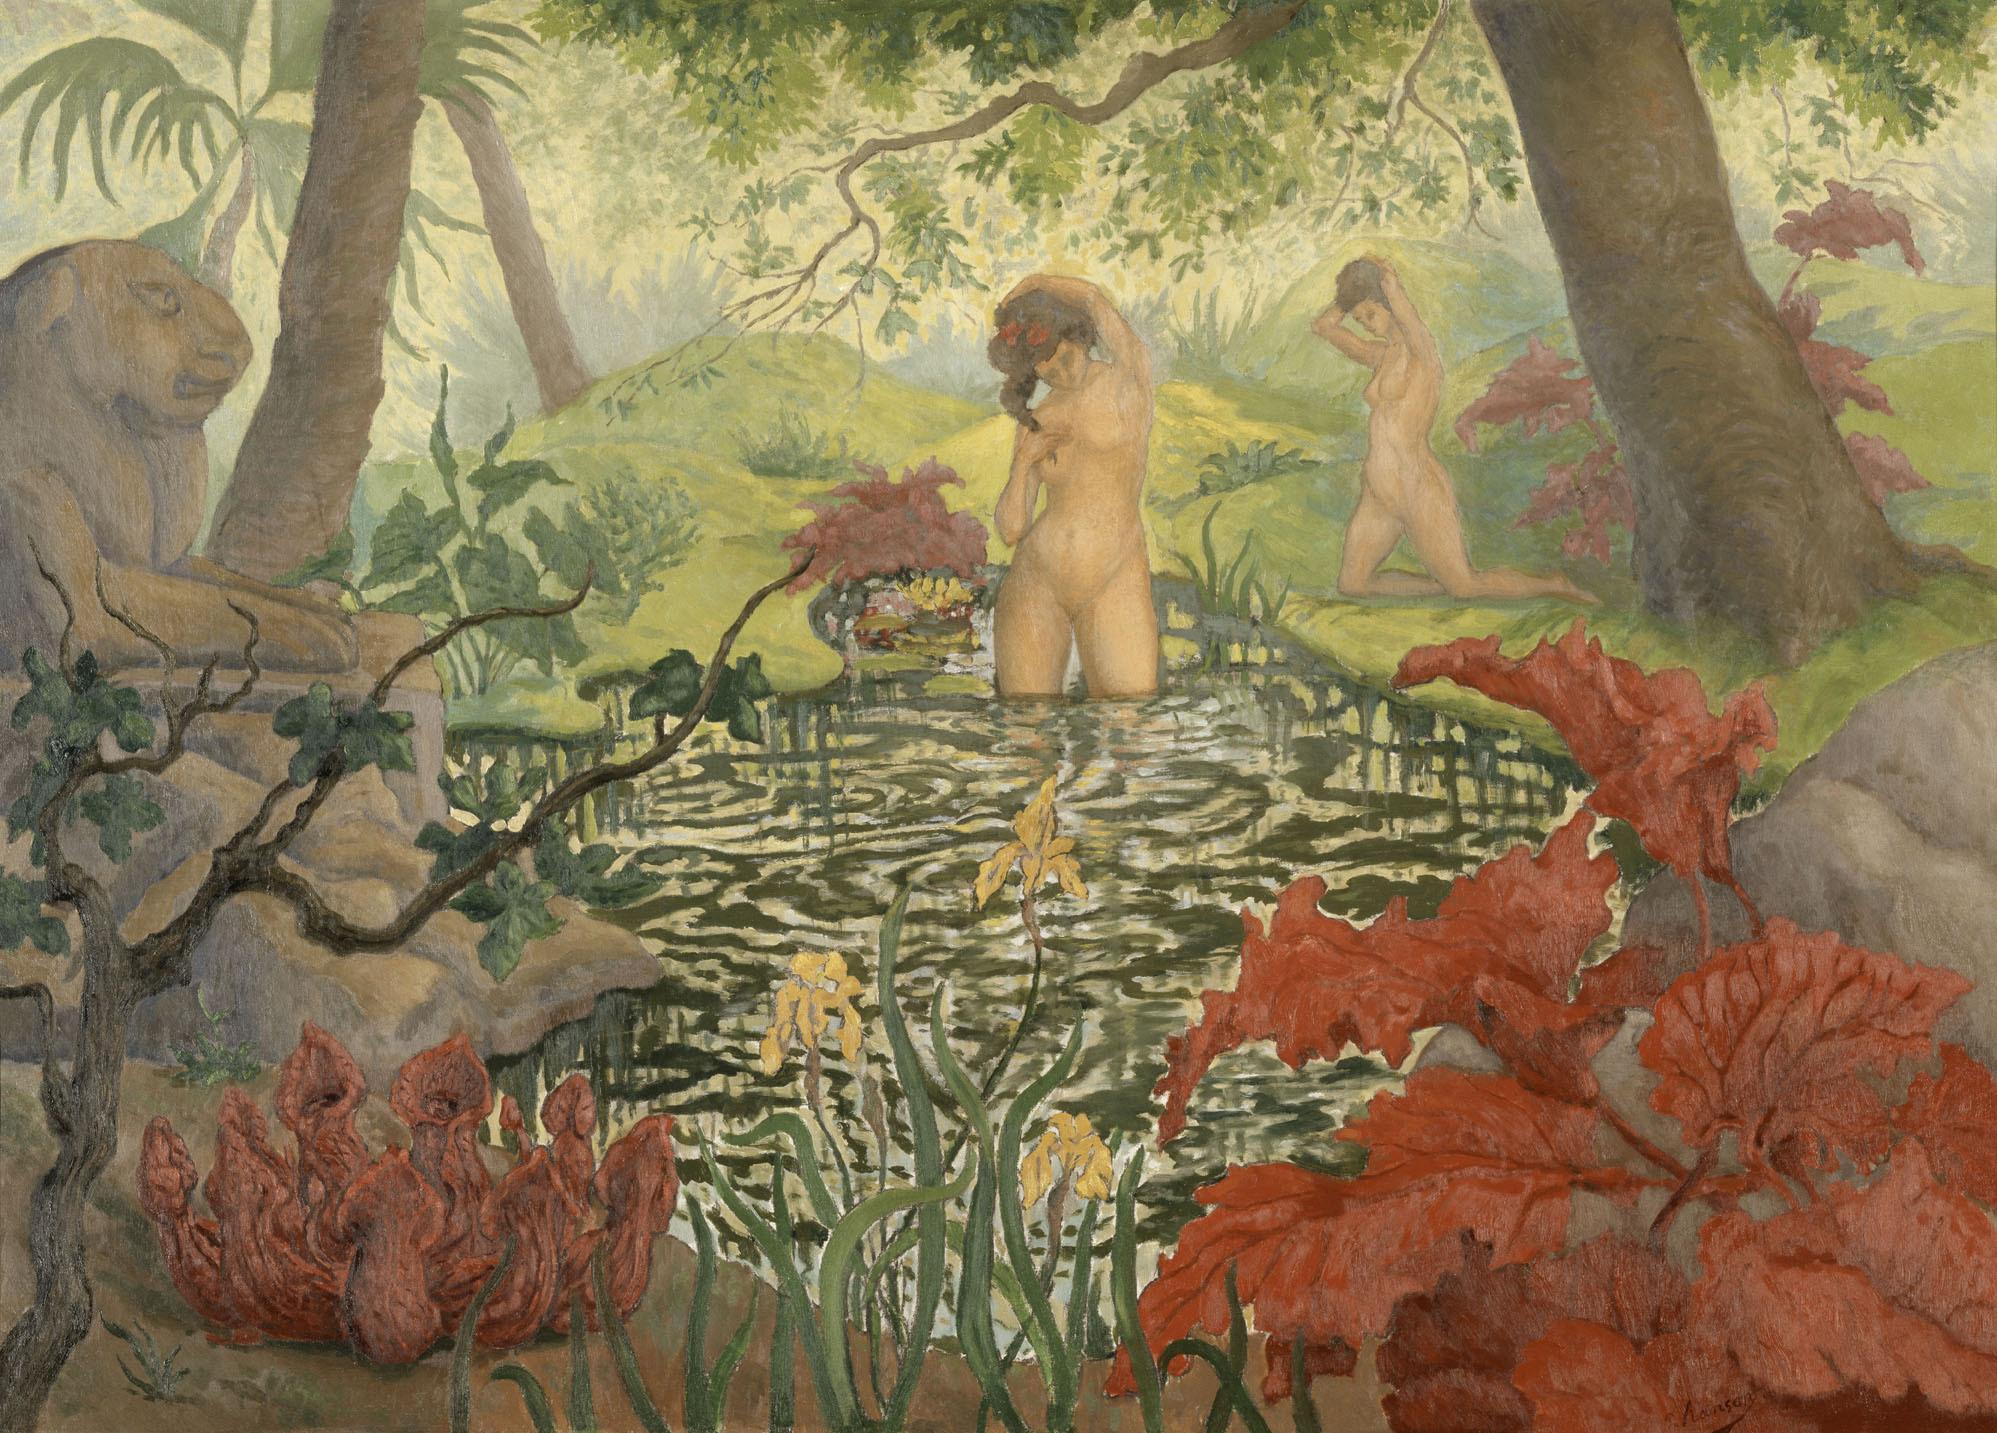 ポール・ランソン 《水浴》 1906年頃 油彩/カンヴァス © RMN-Grand Palais (musée d'Orsay) / Hervé Lewandowski / distributed by AMF